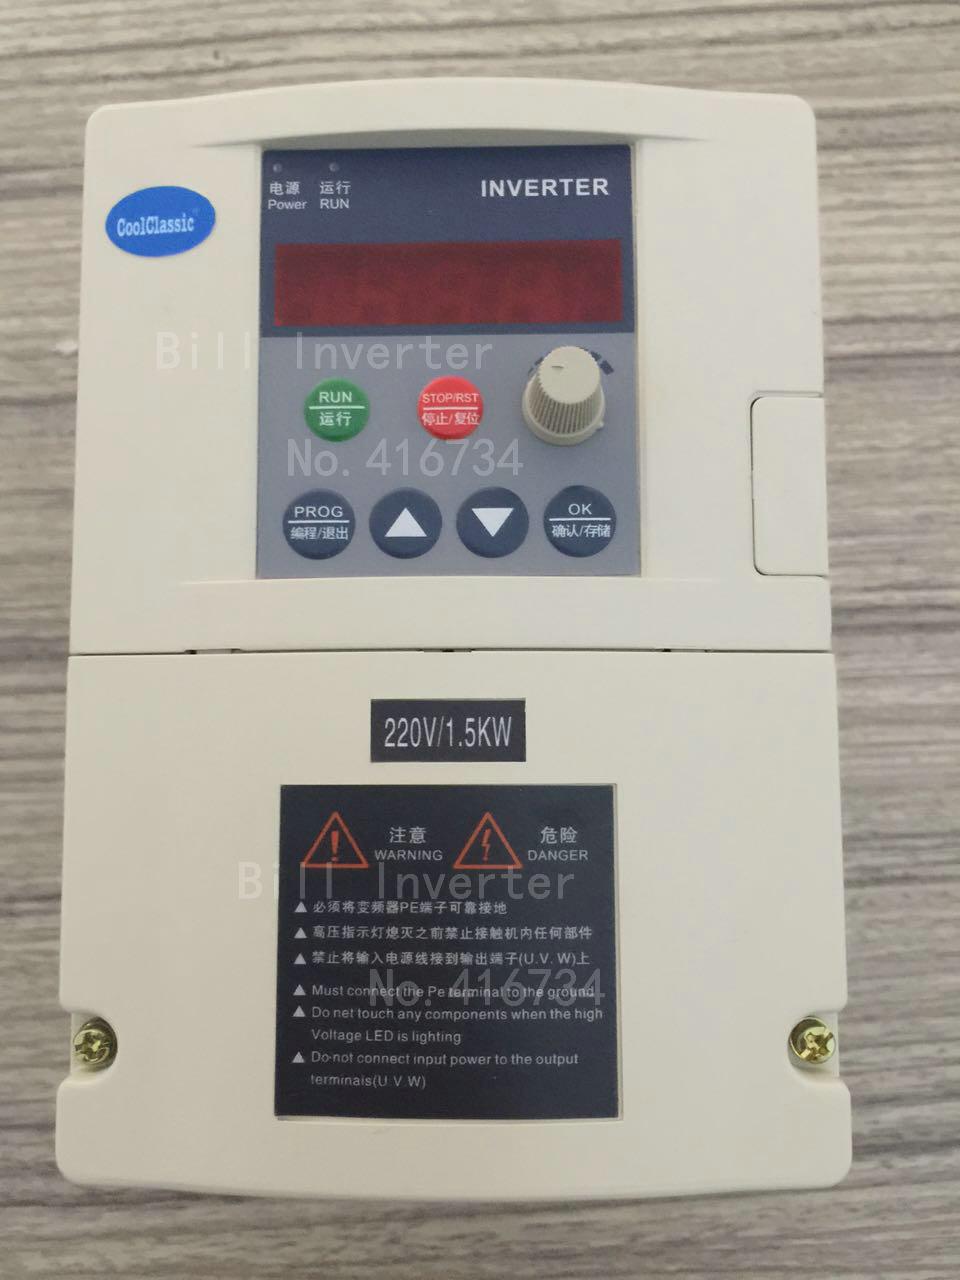 VFD Inverter ZW S2 2T 1 5KW 2 2KW Single phase 110V 220V Input and For